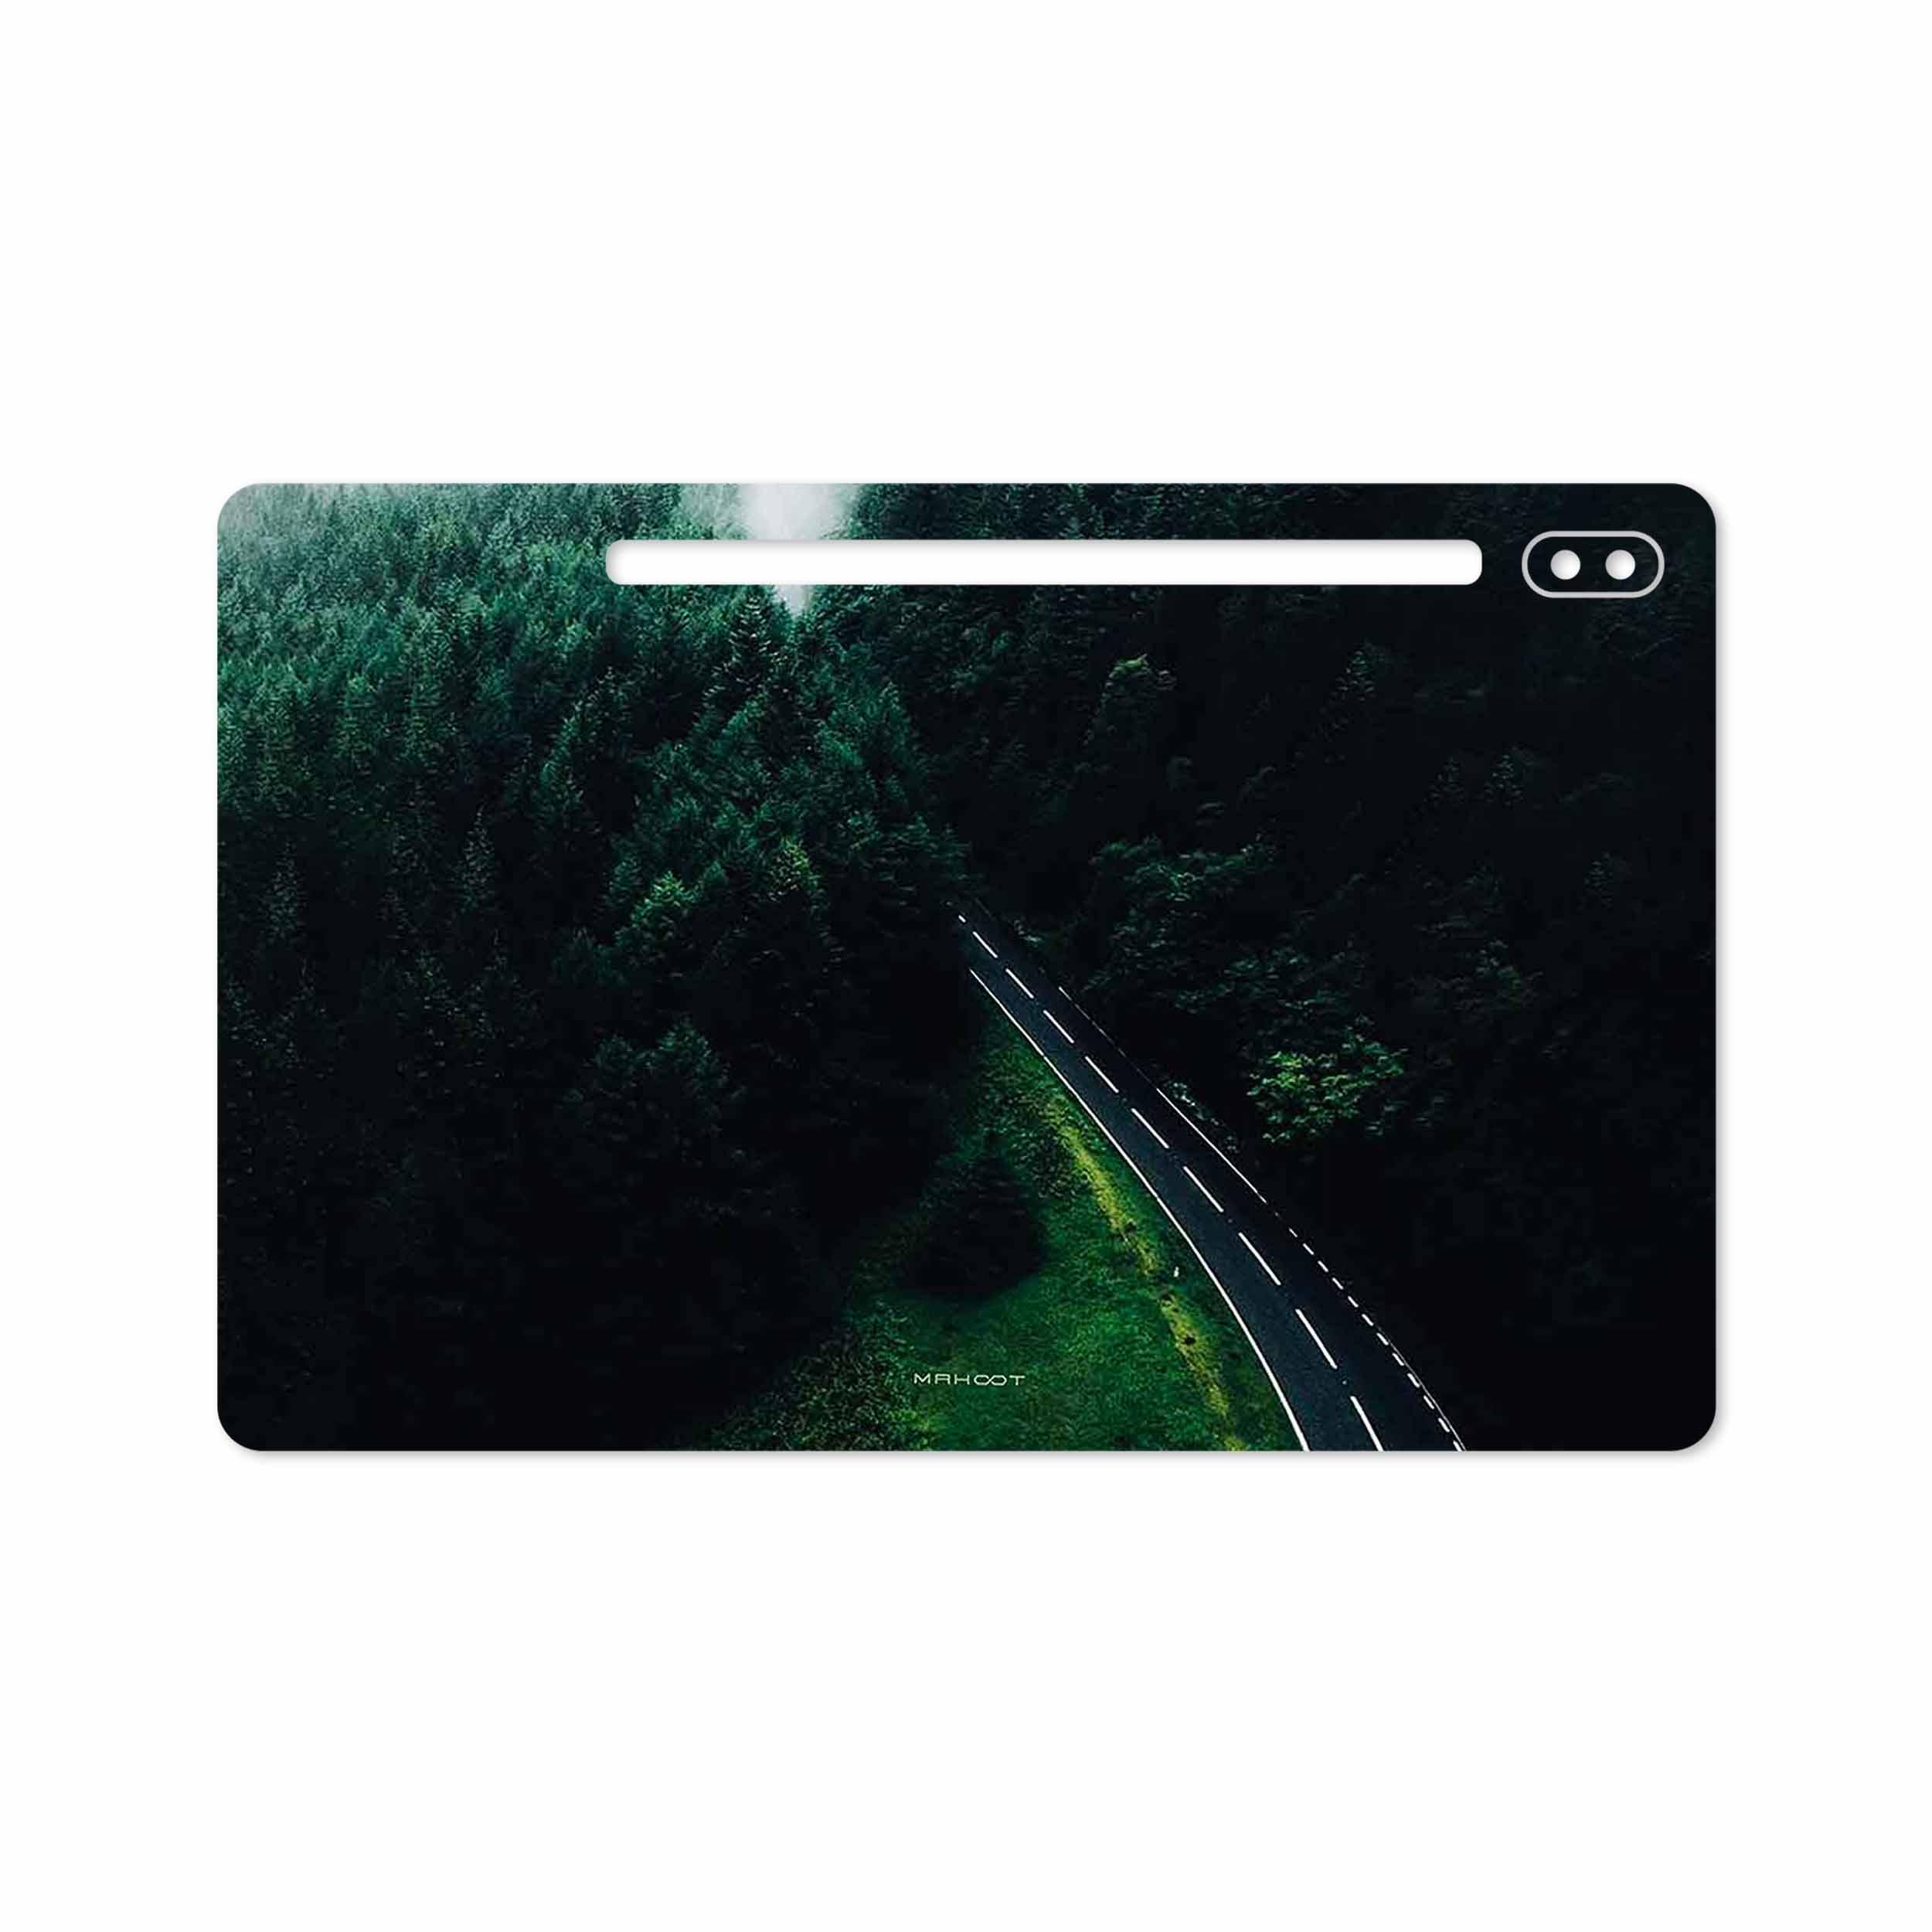 بررسی و خرید [با تخفیف]                                     برچسب پوششی ماهوت مدل Jungle مناسب برای تبلت سامسونگ Galaxy Tab S6 2019 SM-T865                             اورجینال